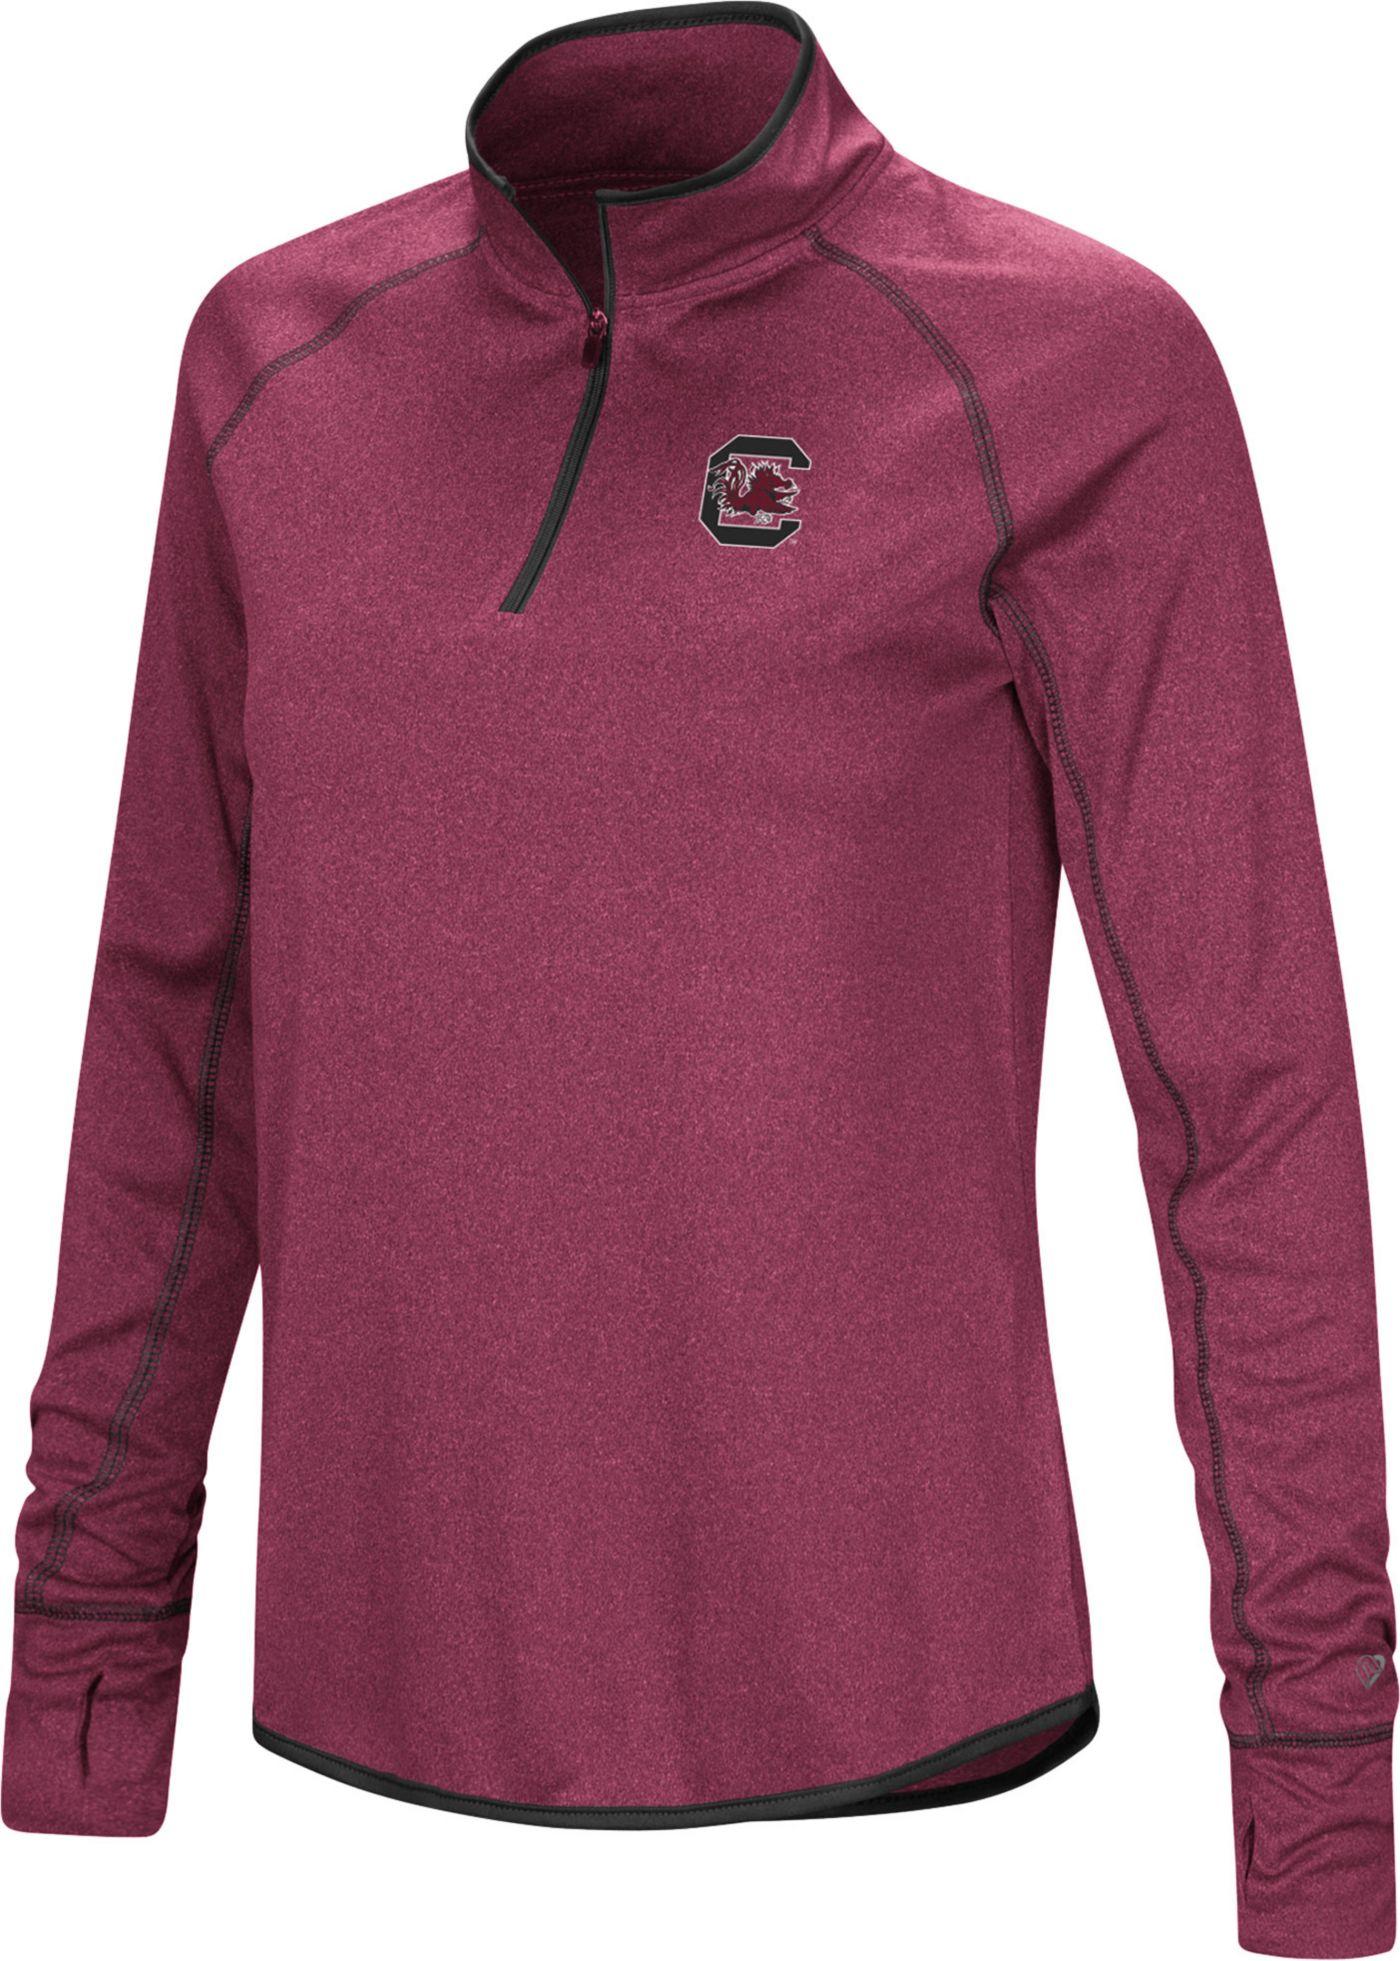 Colosseum Women's South Carolina Gamecocks Garnet Stingray Quarter-Zip Shirt